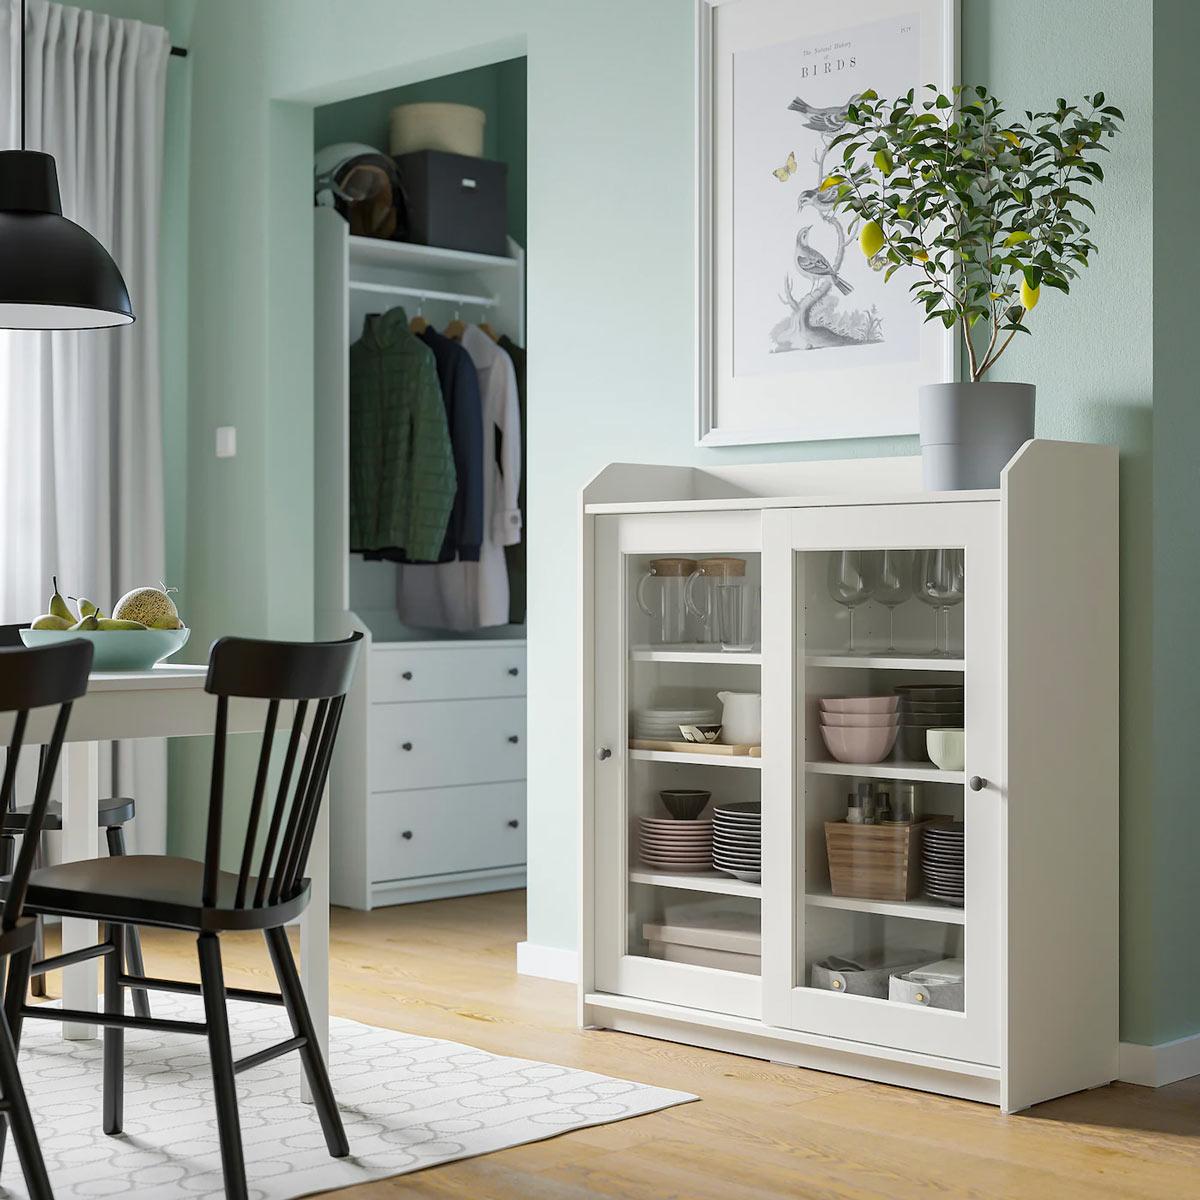 Arredare casa con i colori della primavera da IKEA